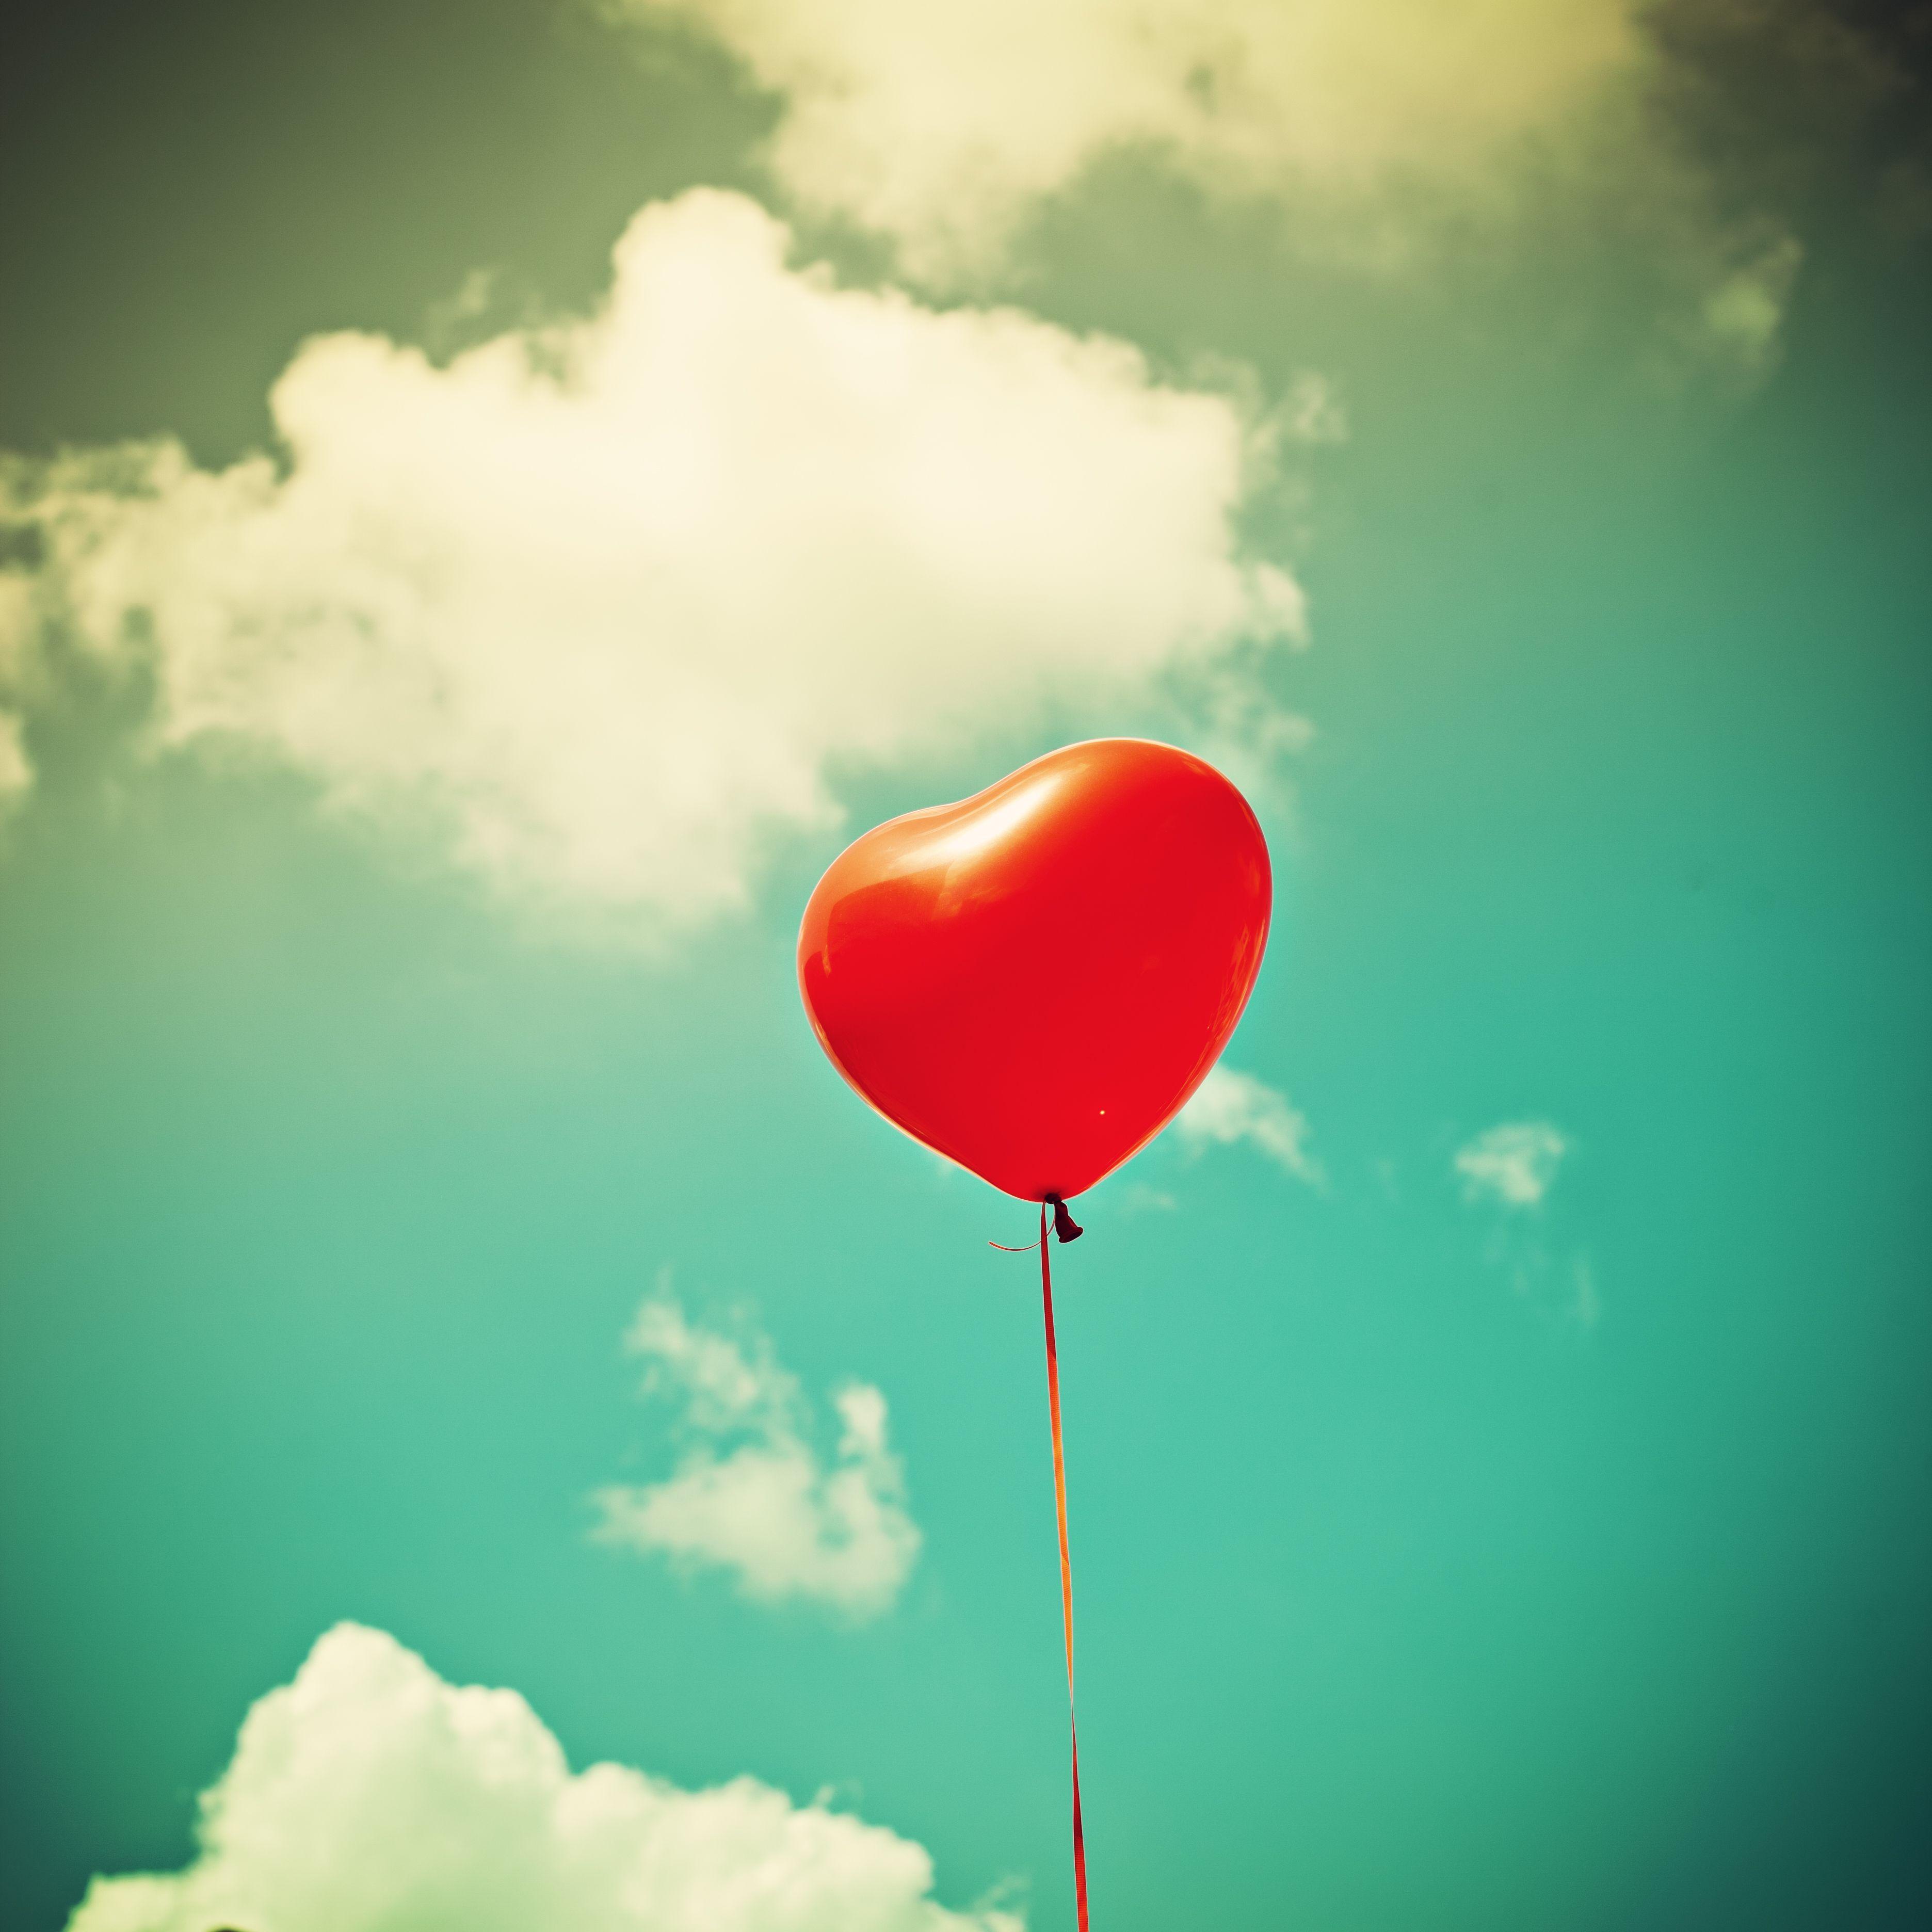 Representa tudo que sonho ;)